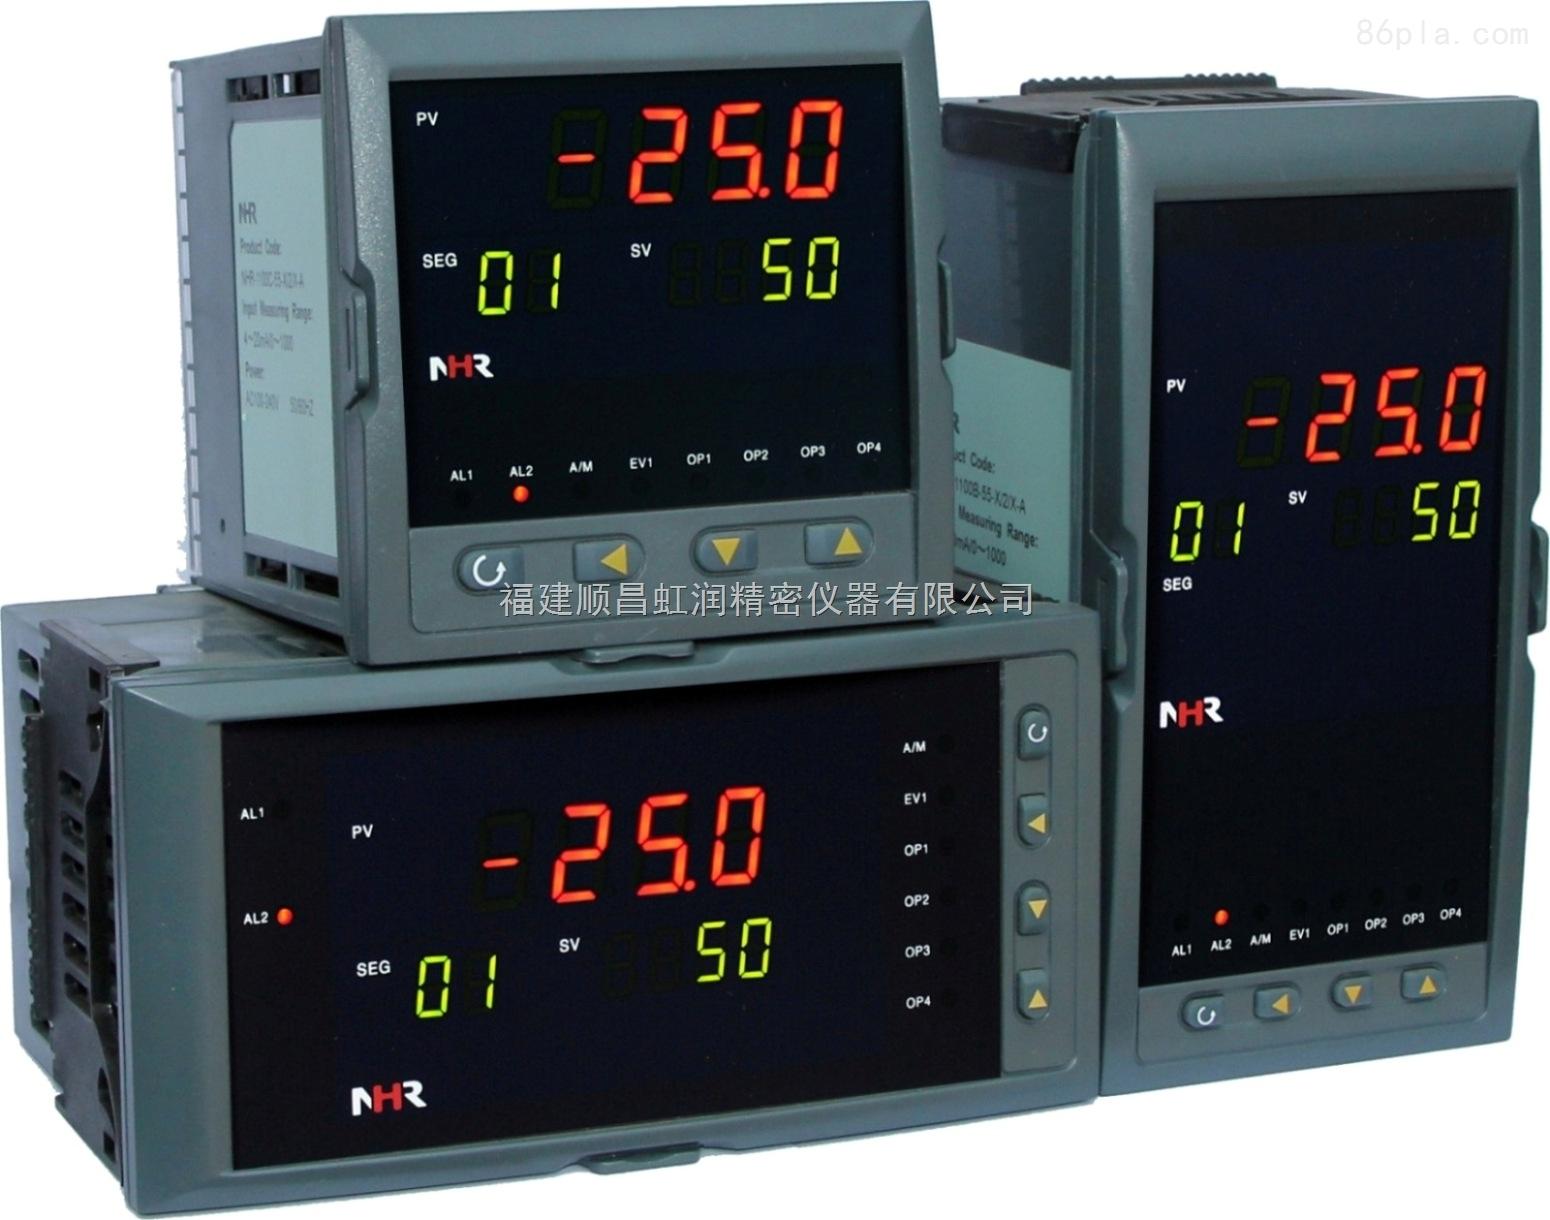 虹润推出NHR-5400系列60段PID自整定温控器